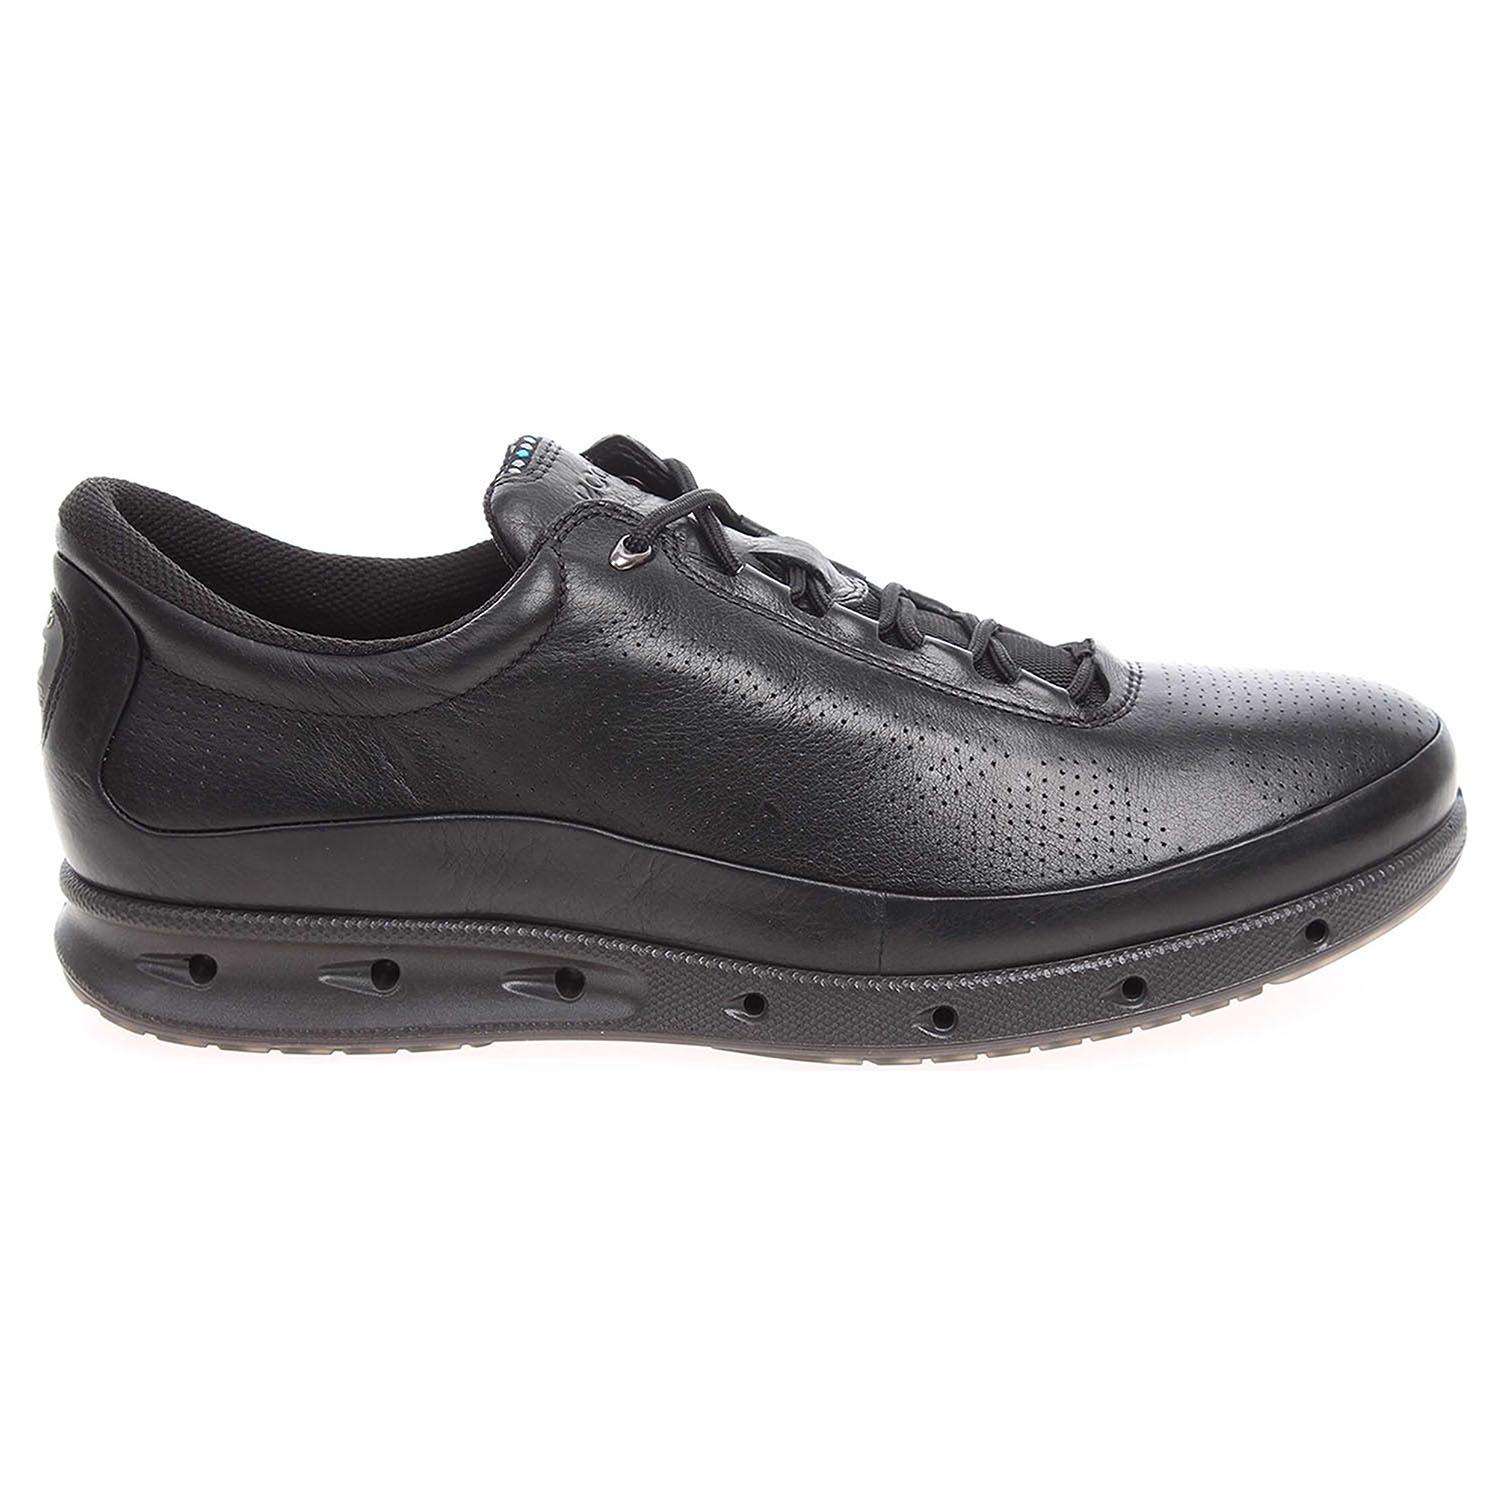 Ecco Ecco O2 pánská obuv 83130451052 černá 24000369